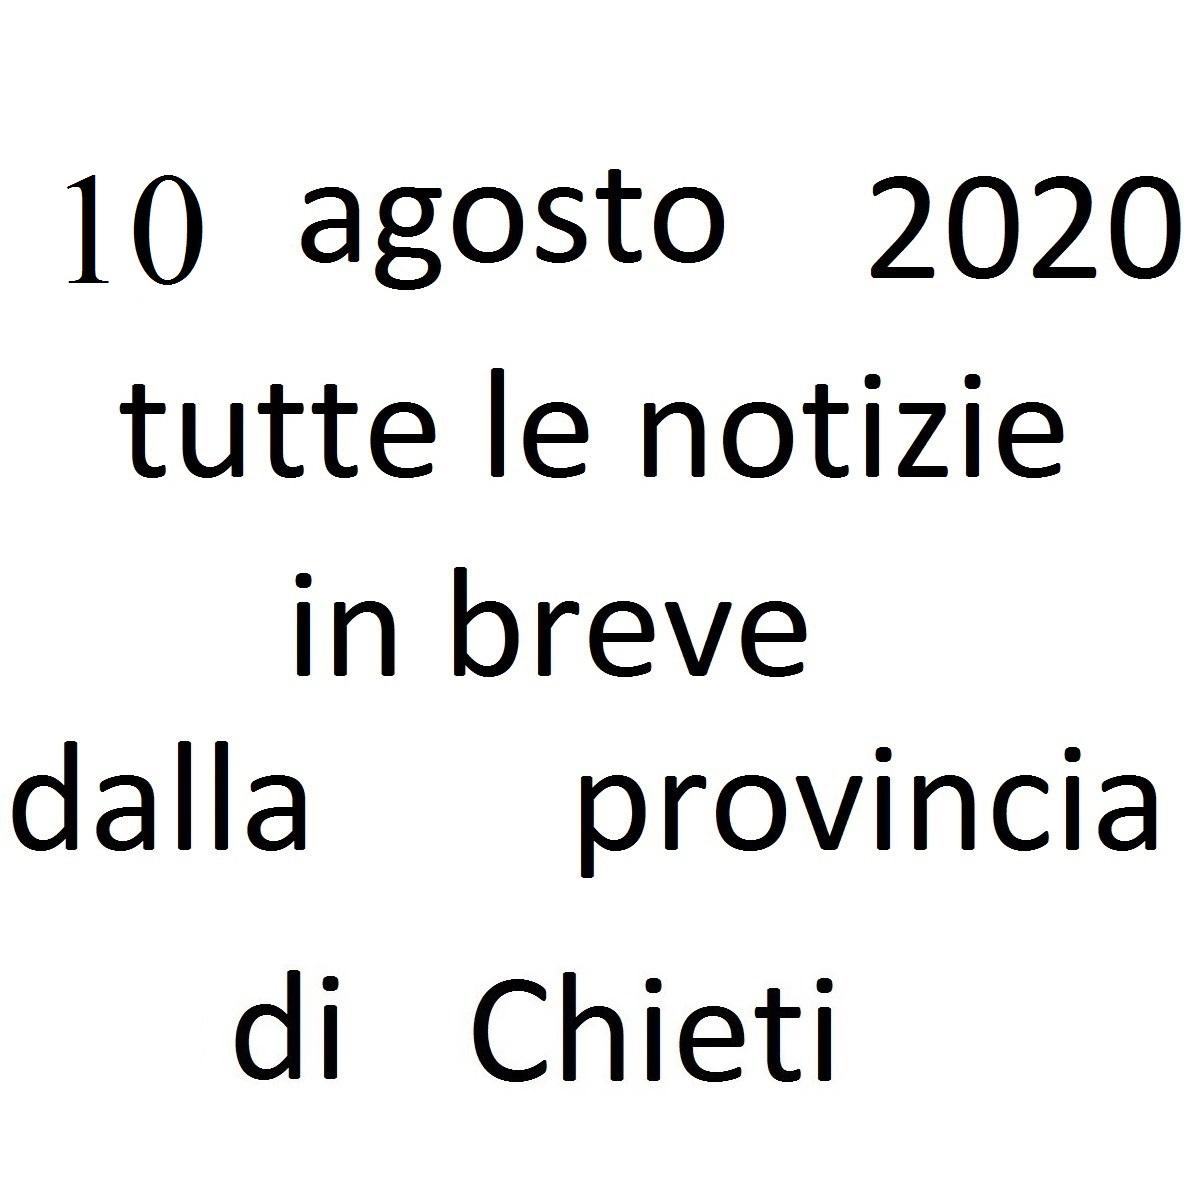 10 agosto 2020 notizie in breve dalla Provincia di Chieti foto